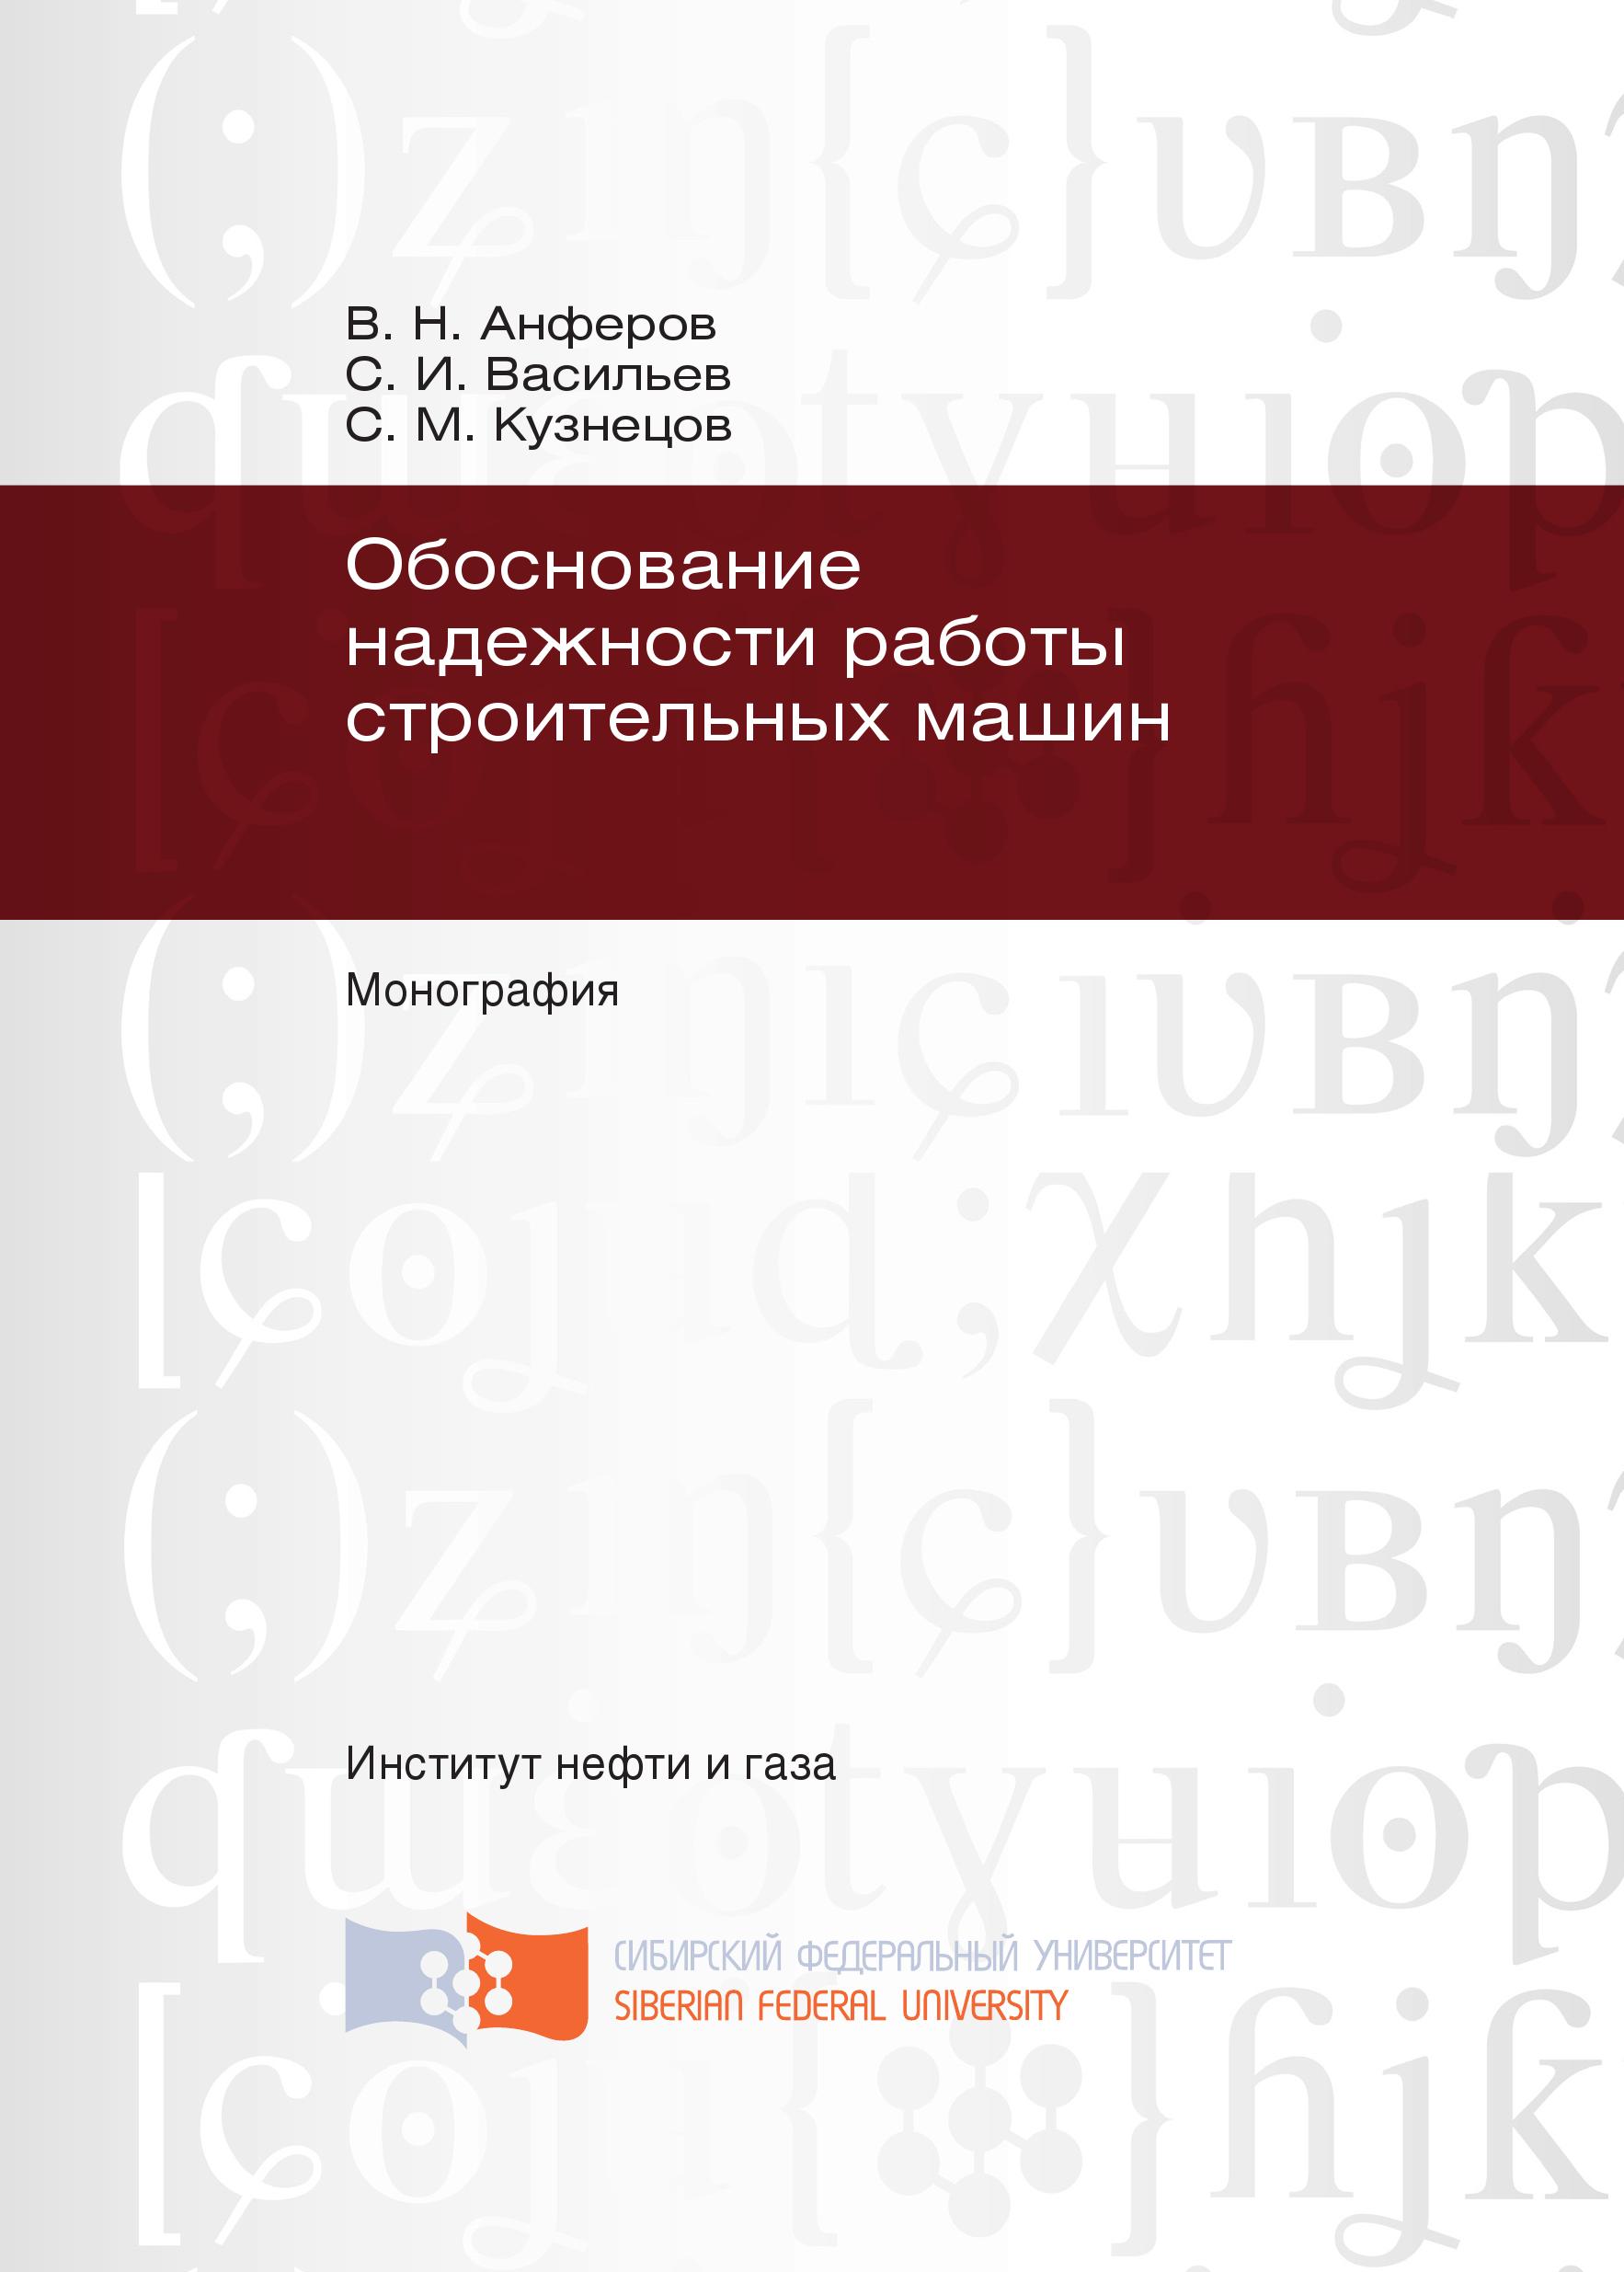 Сергей Кузнецов Обоснование надежности работы строительных машин